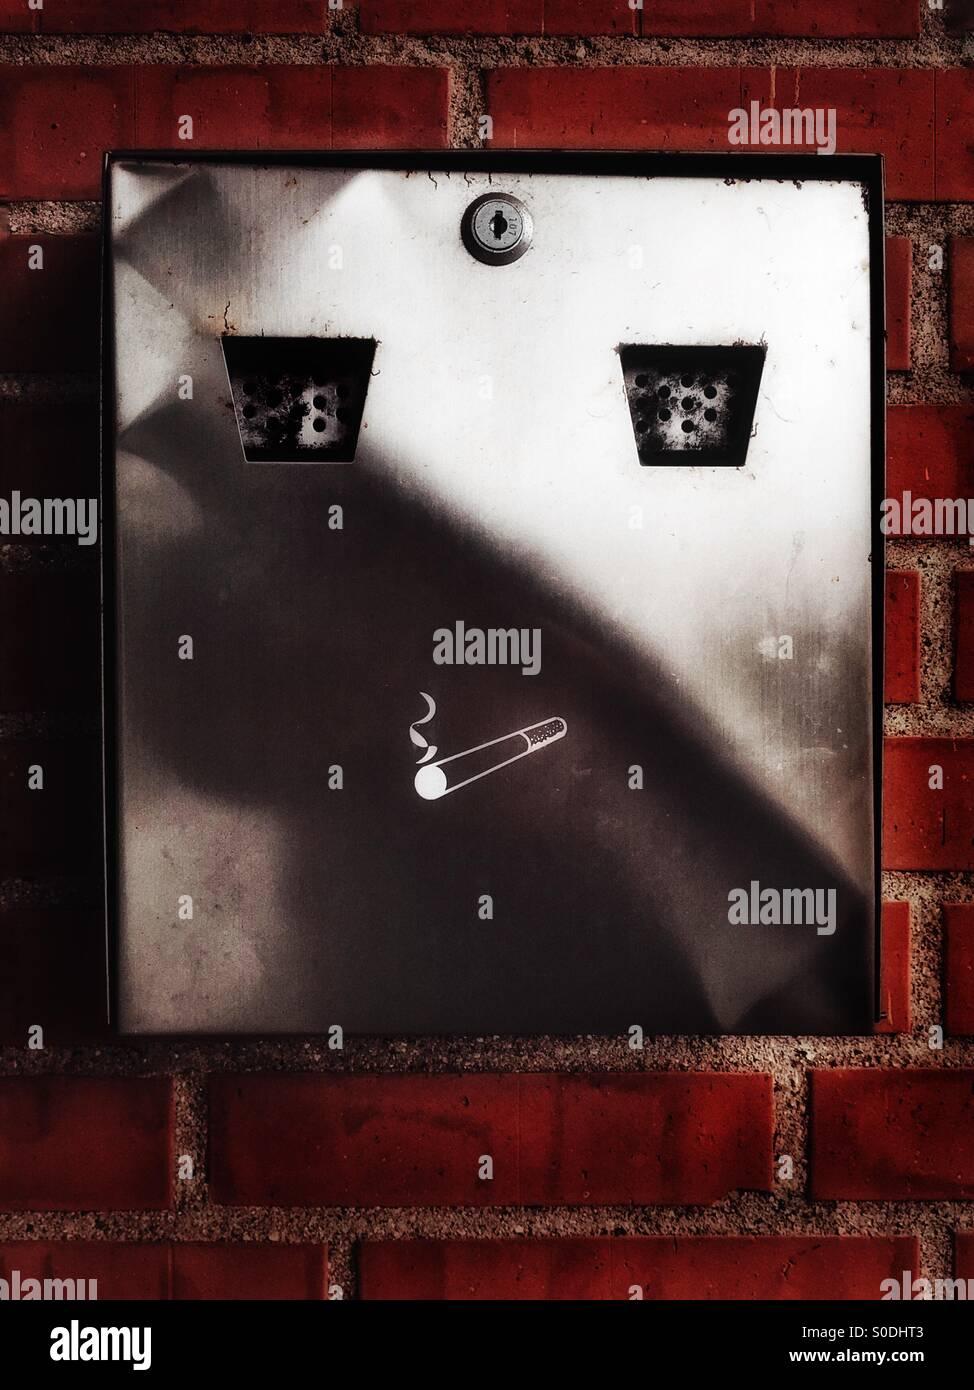 Smokin' - Stock Image